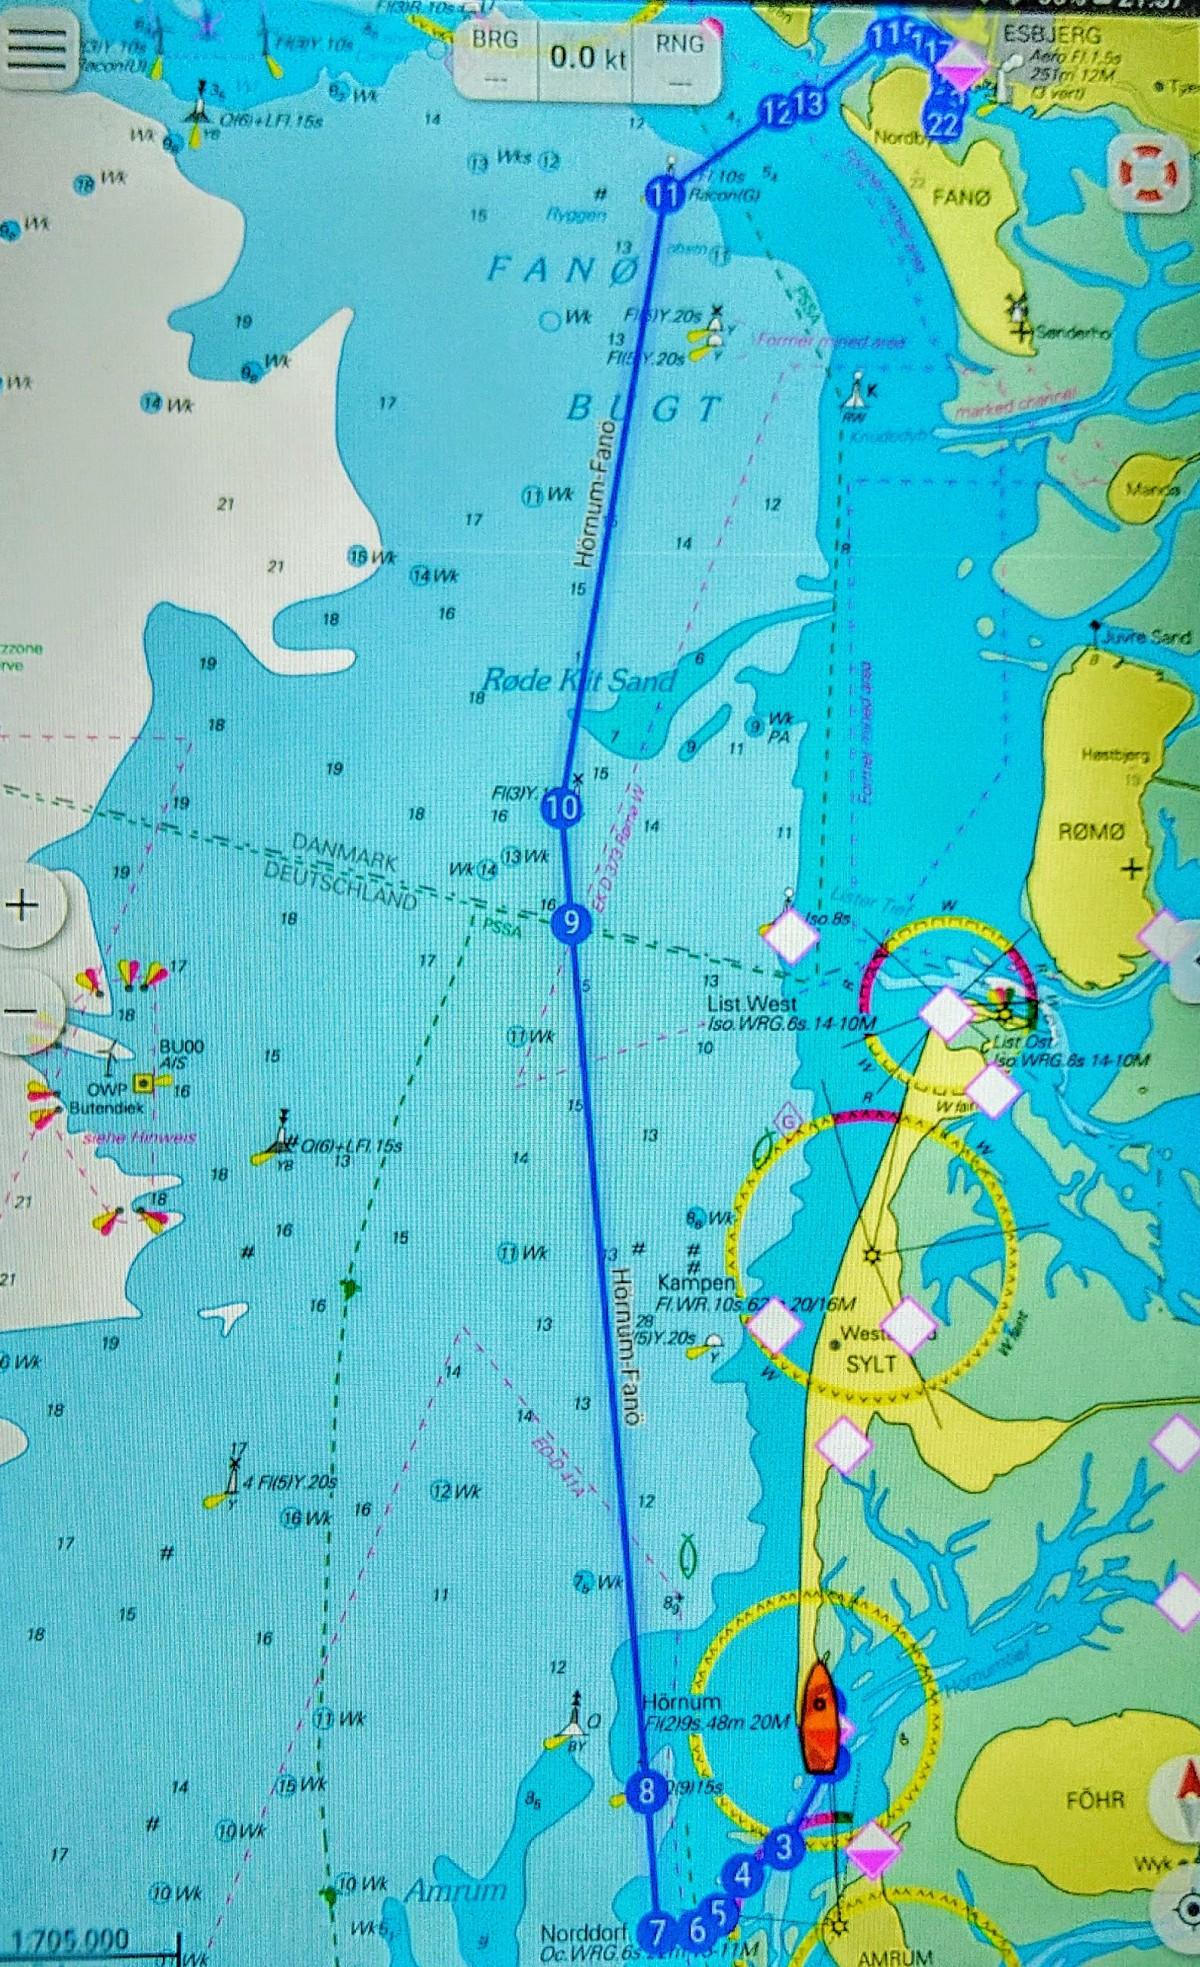 Von Sylt zur InselFanö